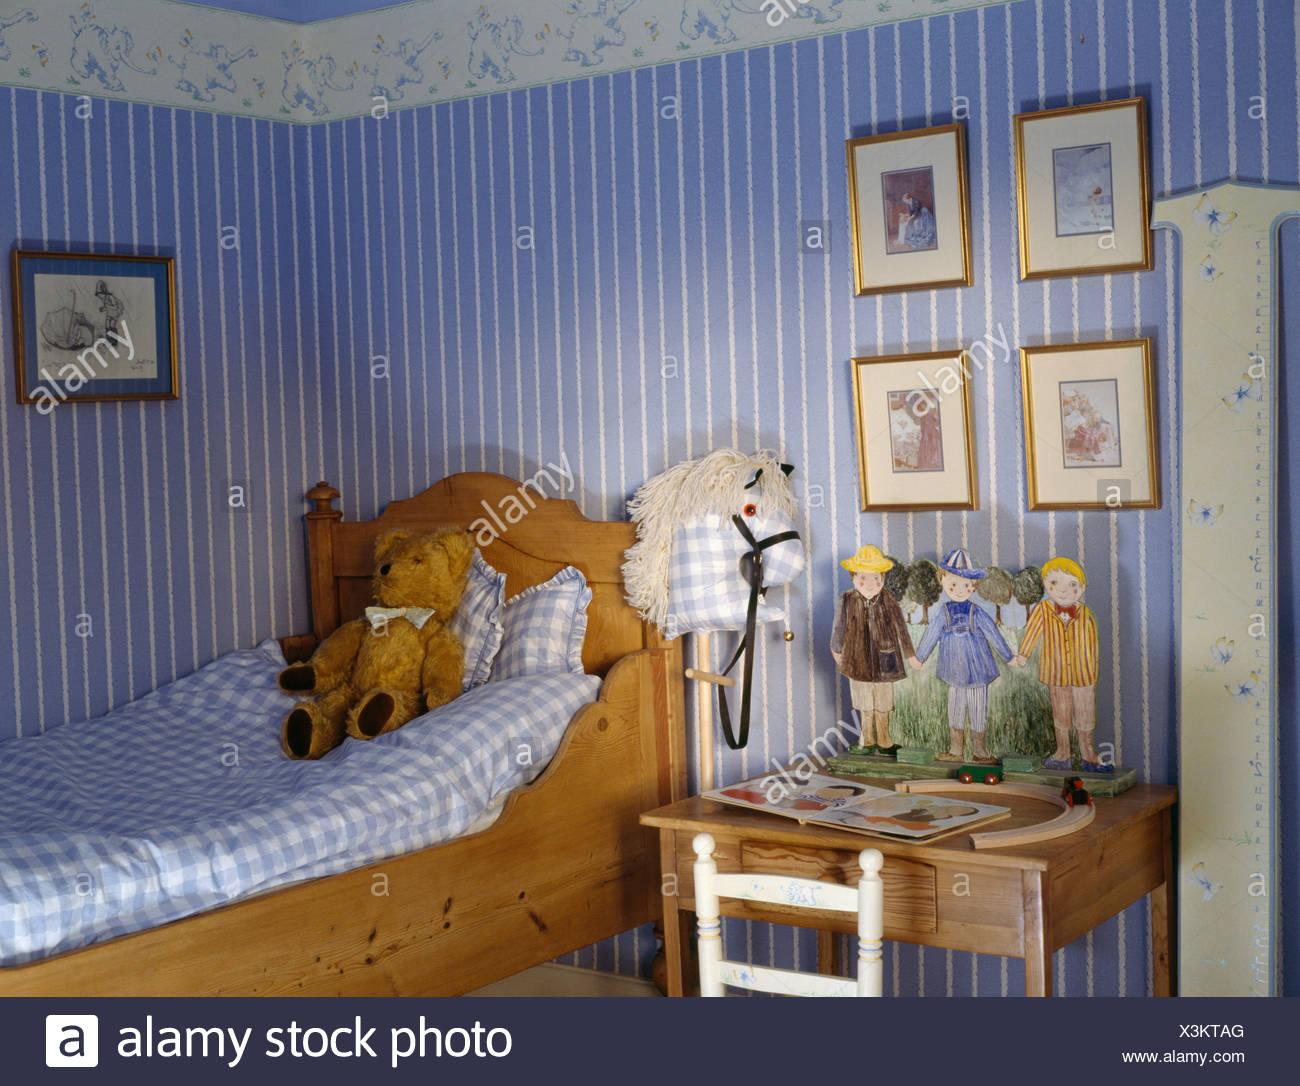 Blau Gestreifte Tapete Im Kinderzimmer Mit Blau Weiss Aufgegebenes